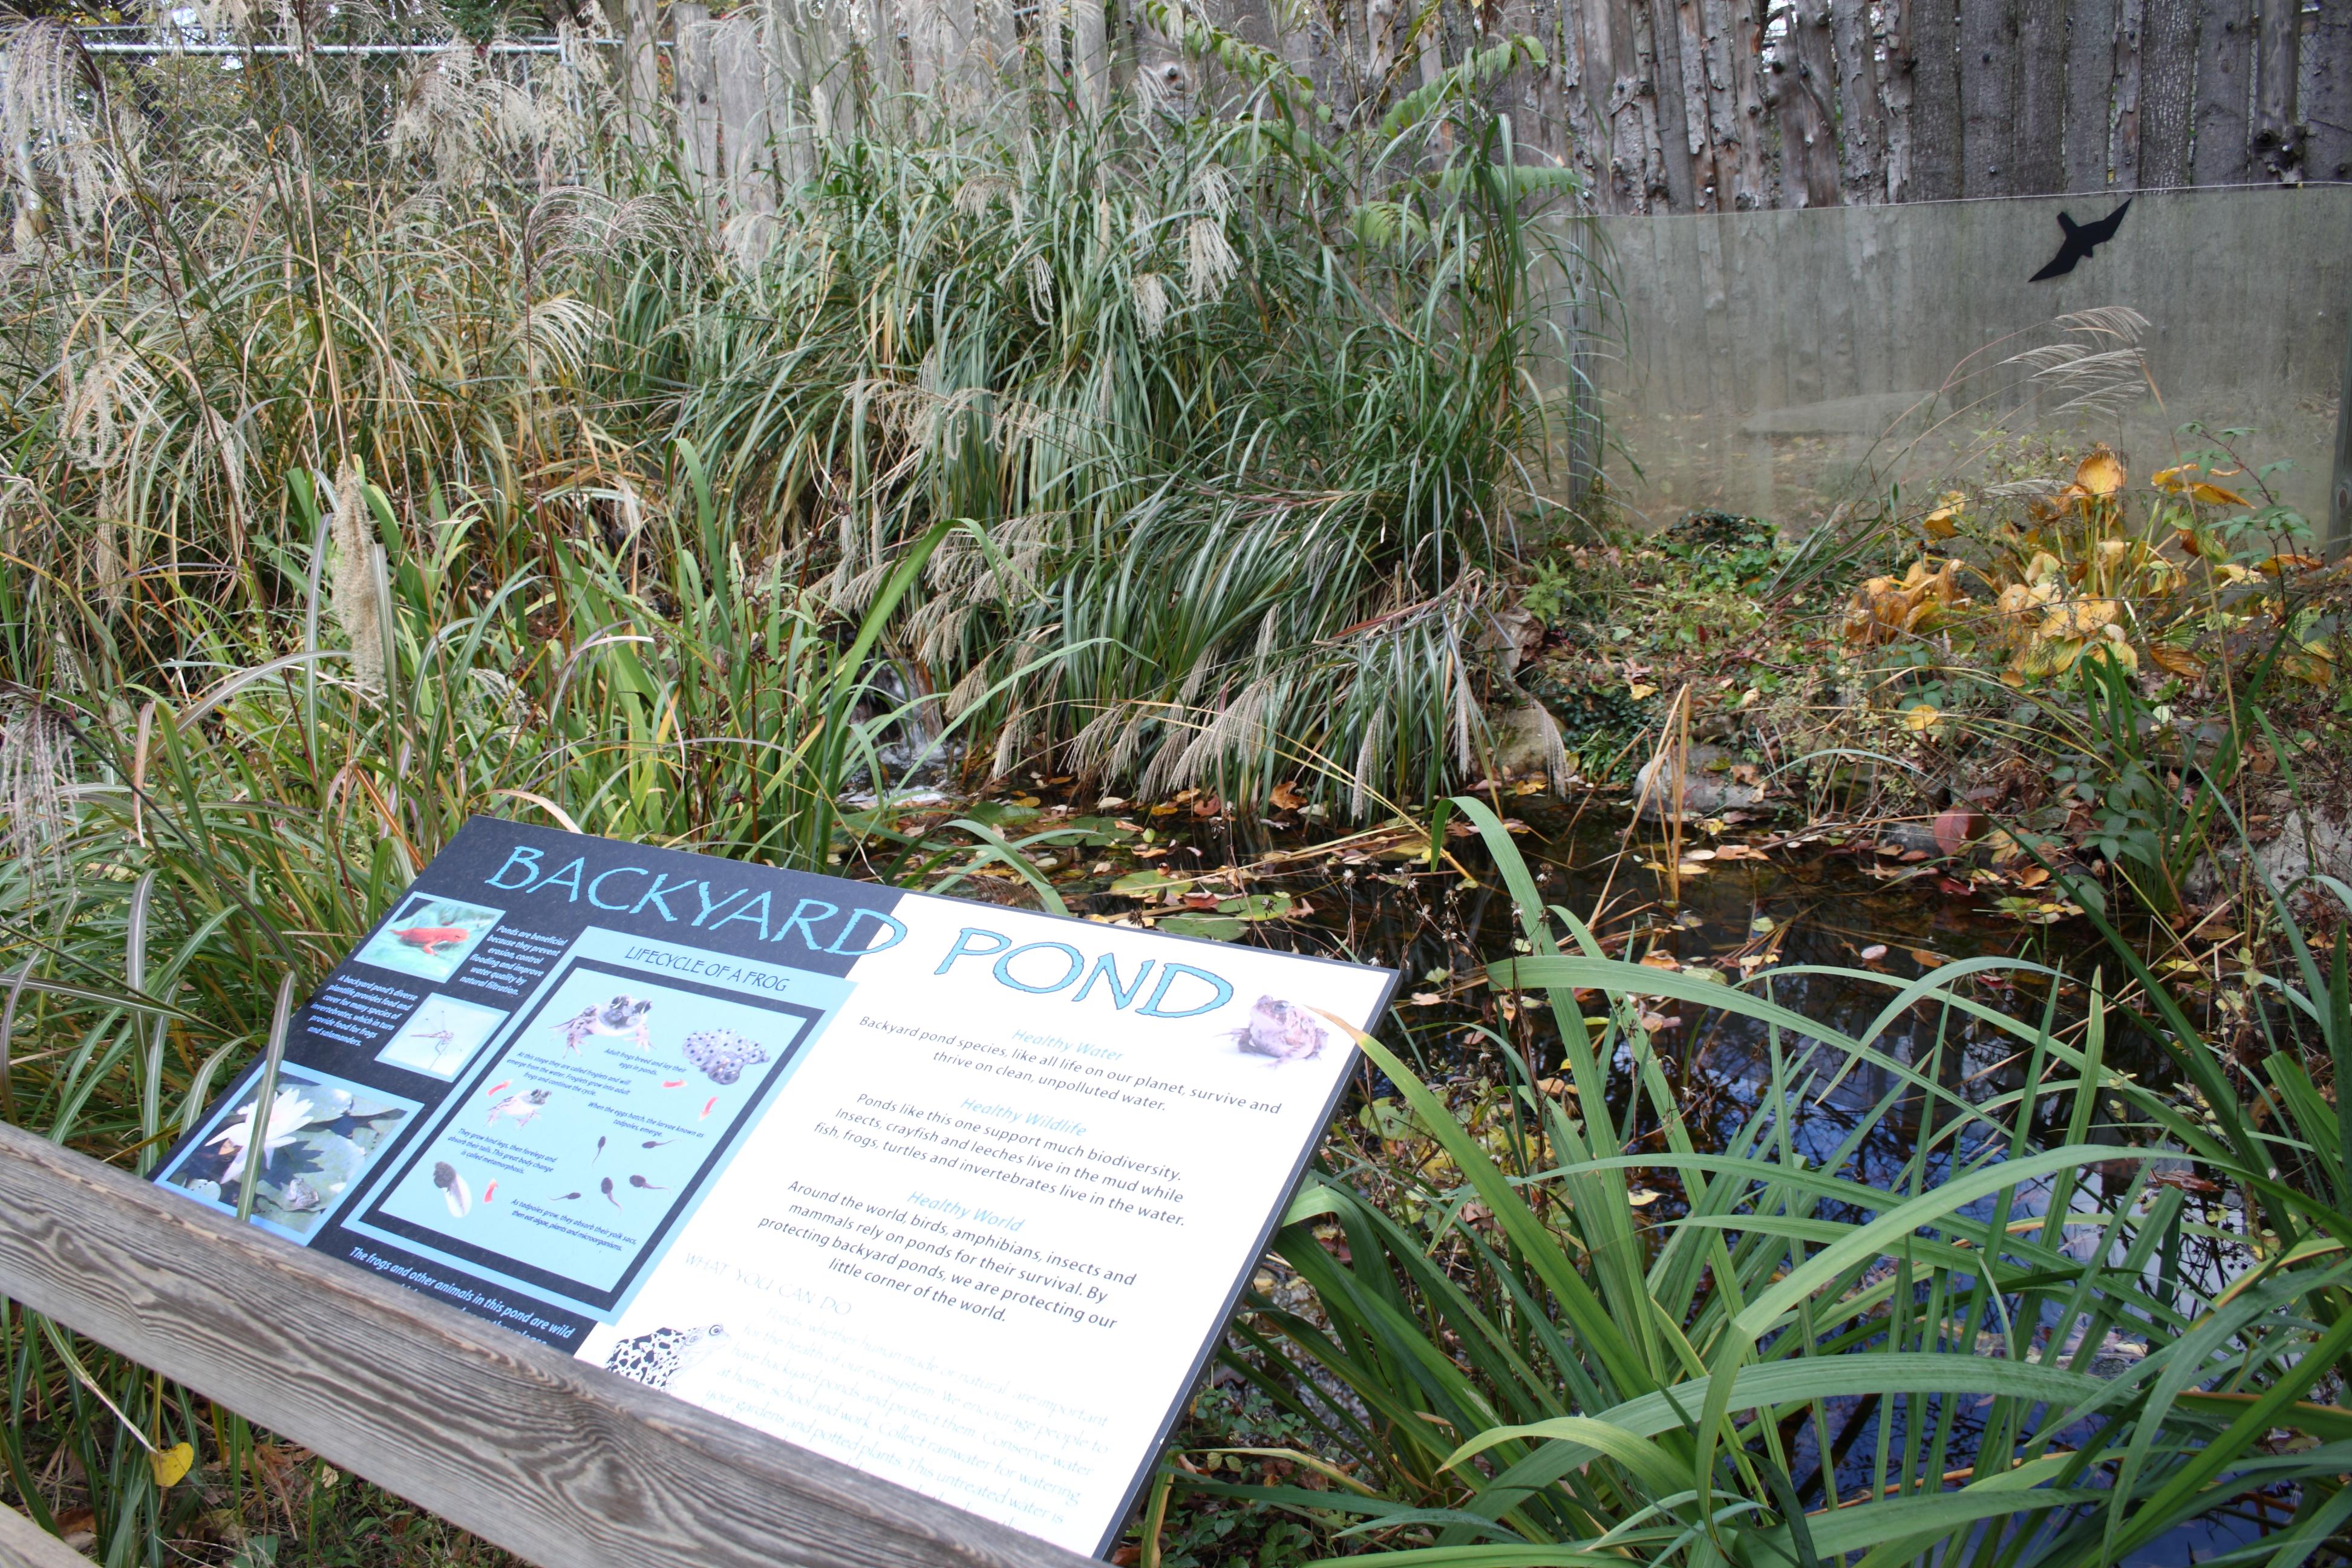 file backyard pond exhibit beardsley zoo 2009 11 06 jpg